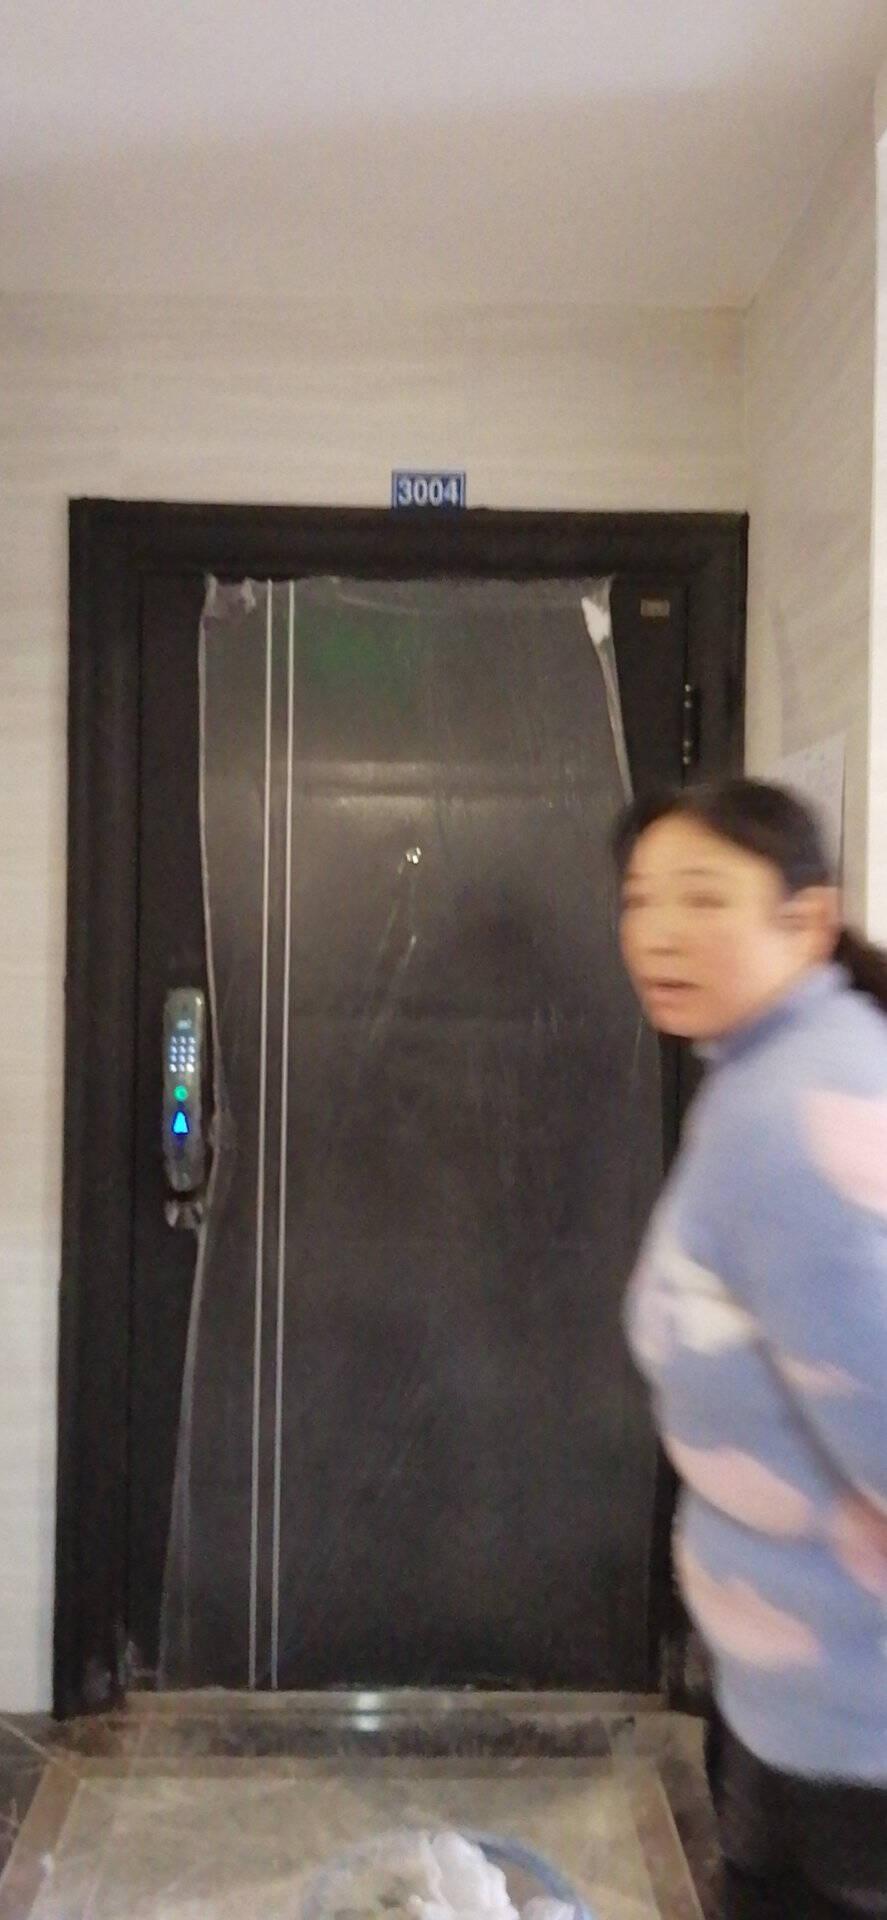 尧盾防盗门智能安全门进户门入户门家用大门防撬门超全尺寸有内开常规尺寸+机械锁配置左内开